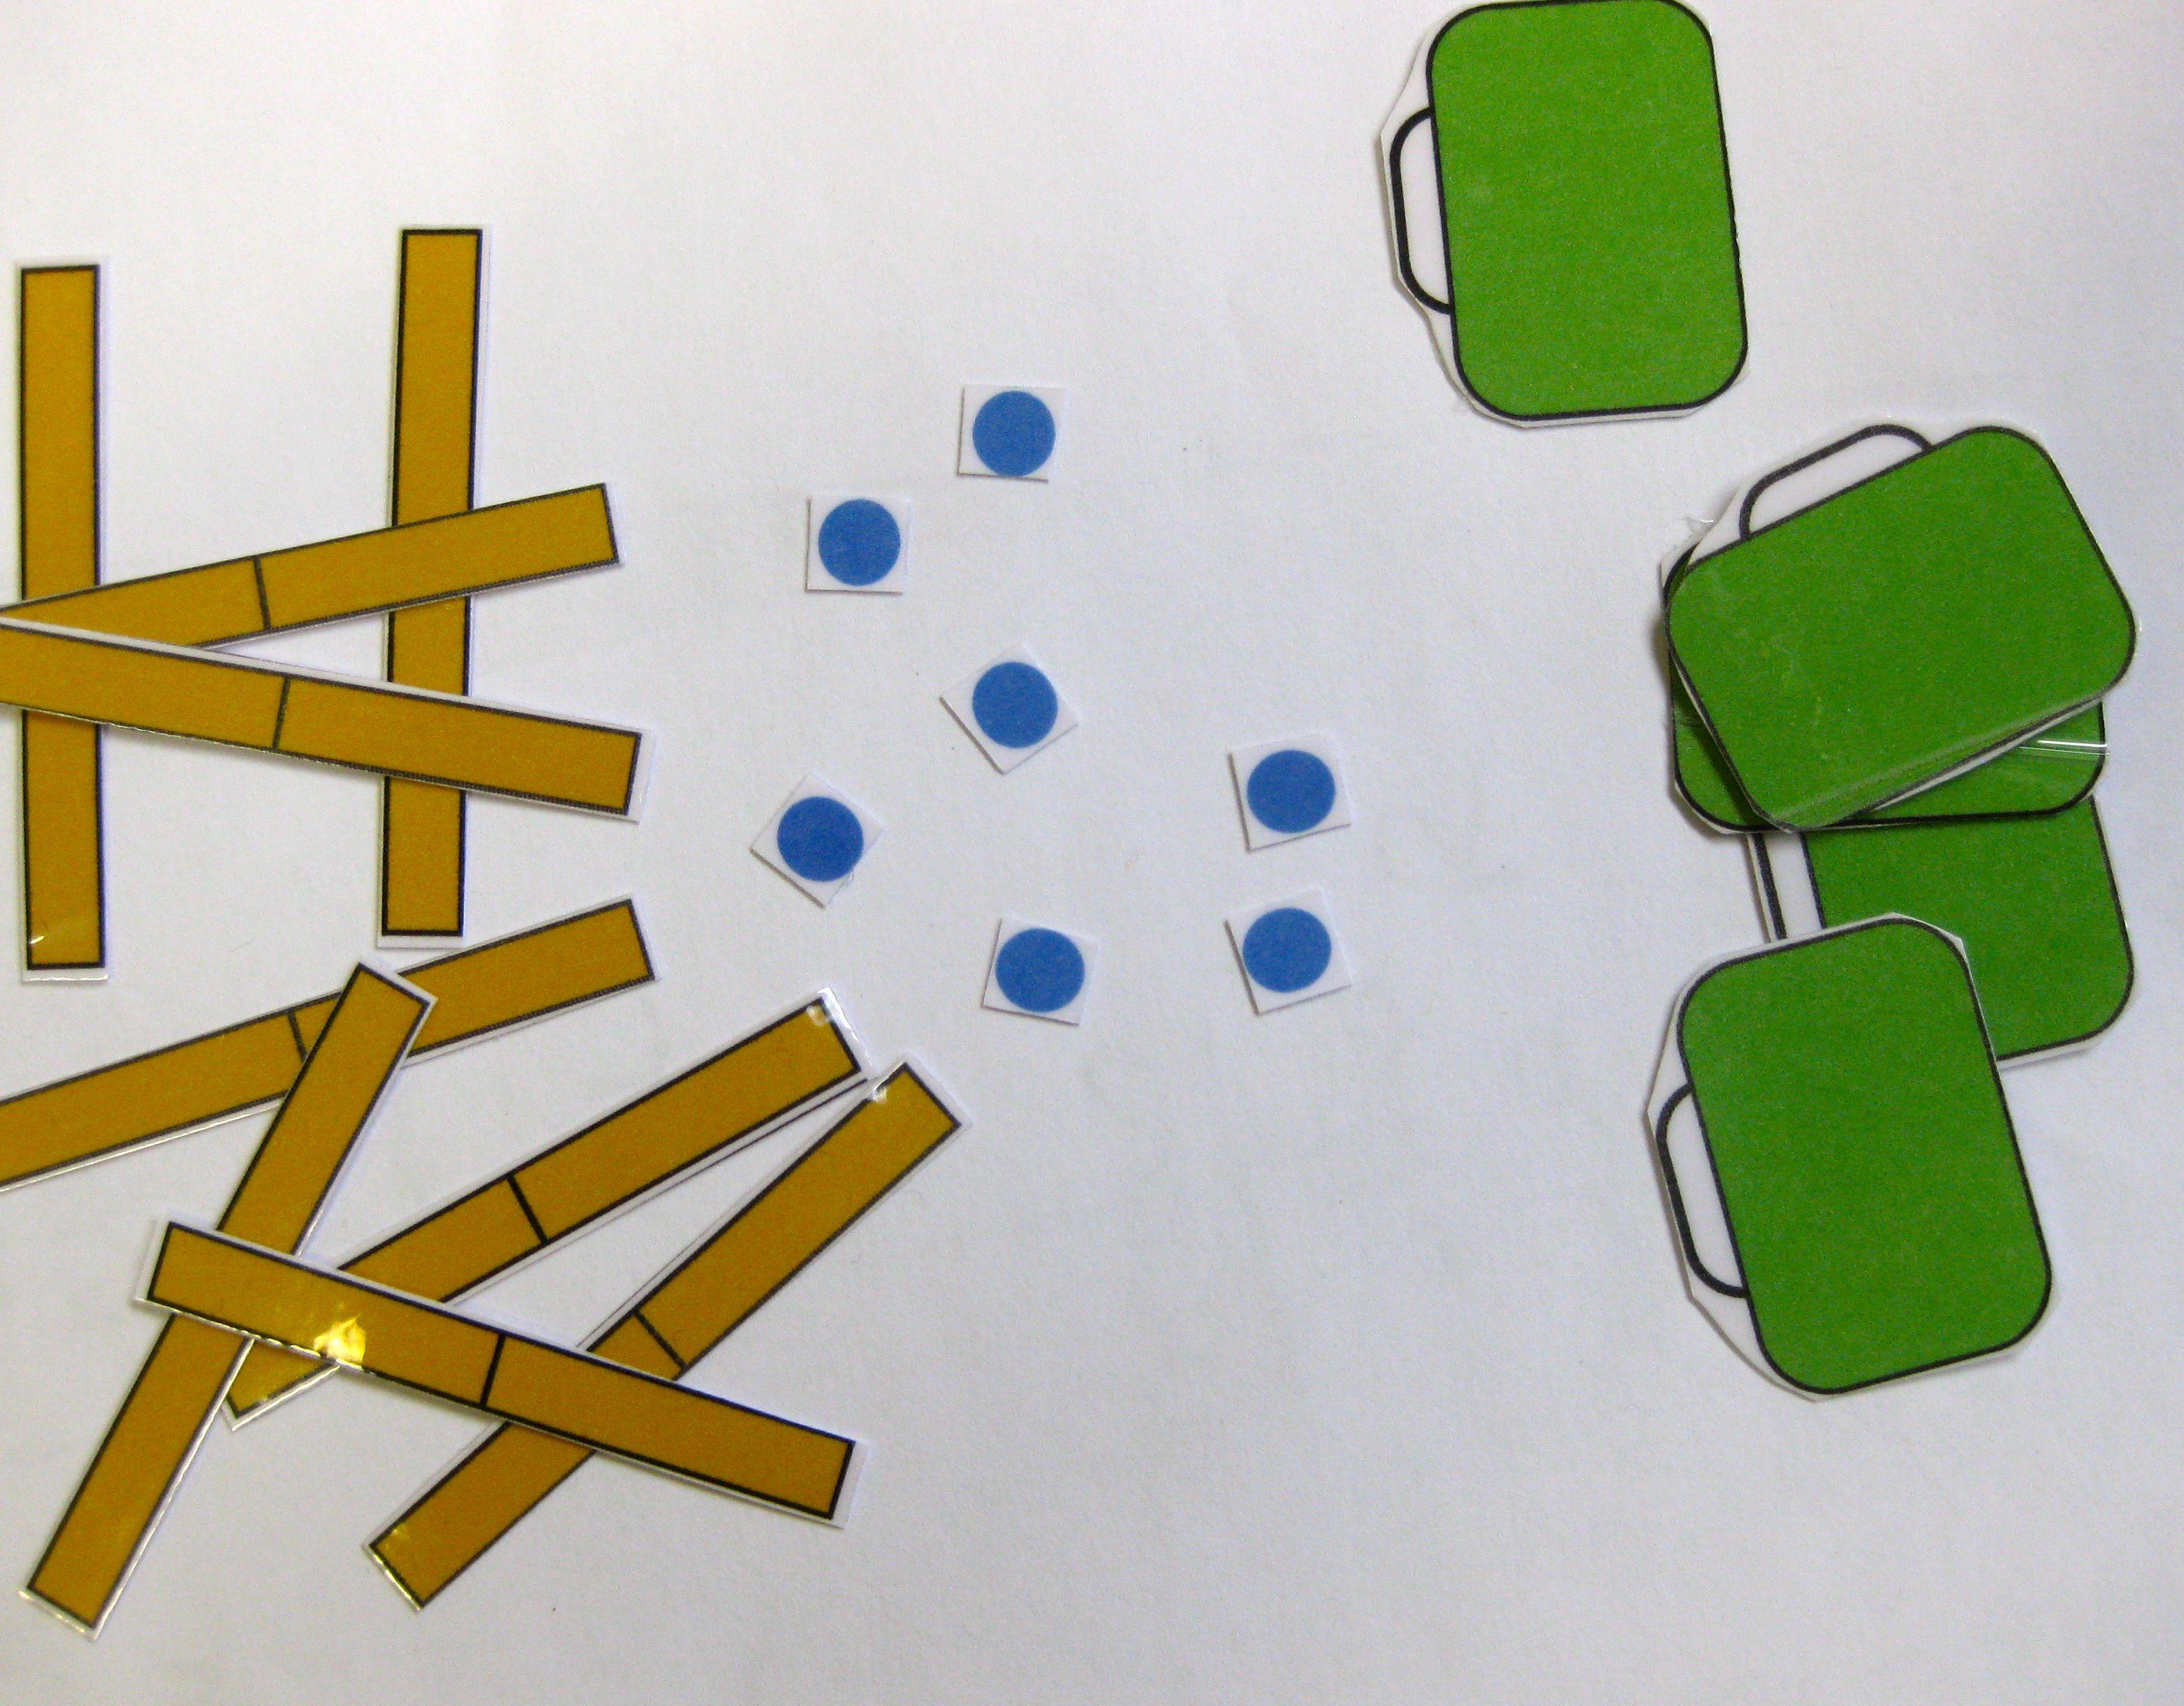 Manip - Matériel Picbille | Mathématiques | Pinterest ...